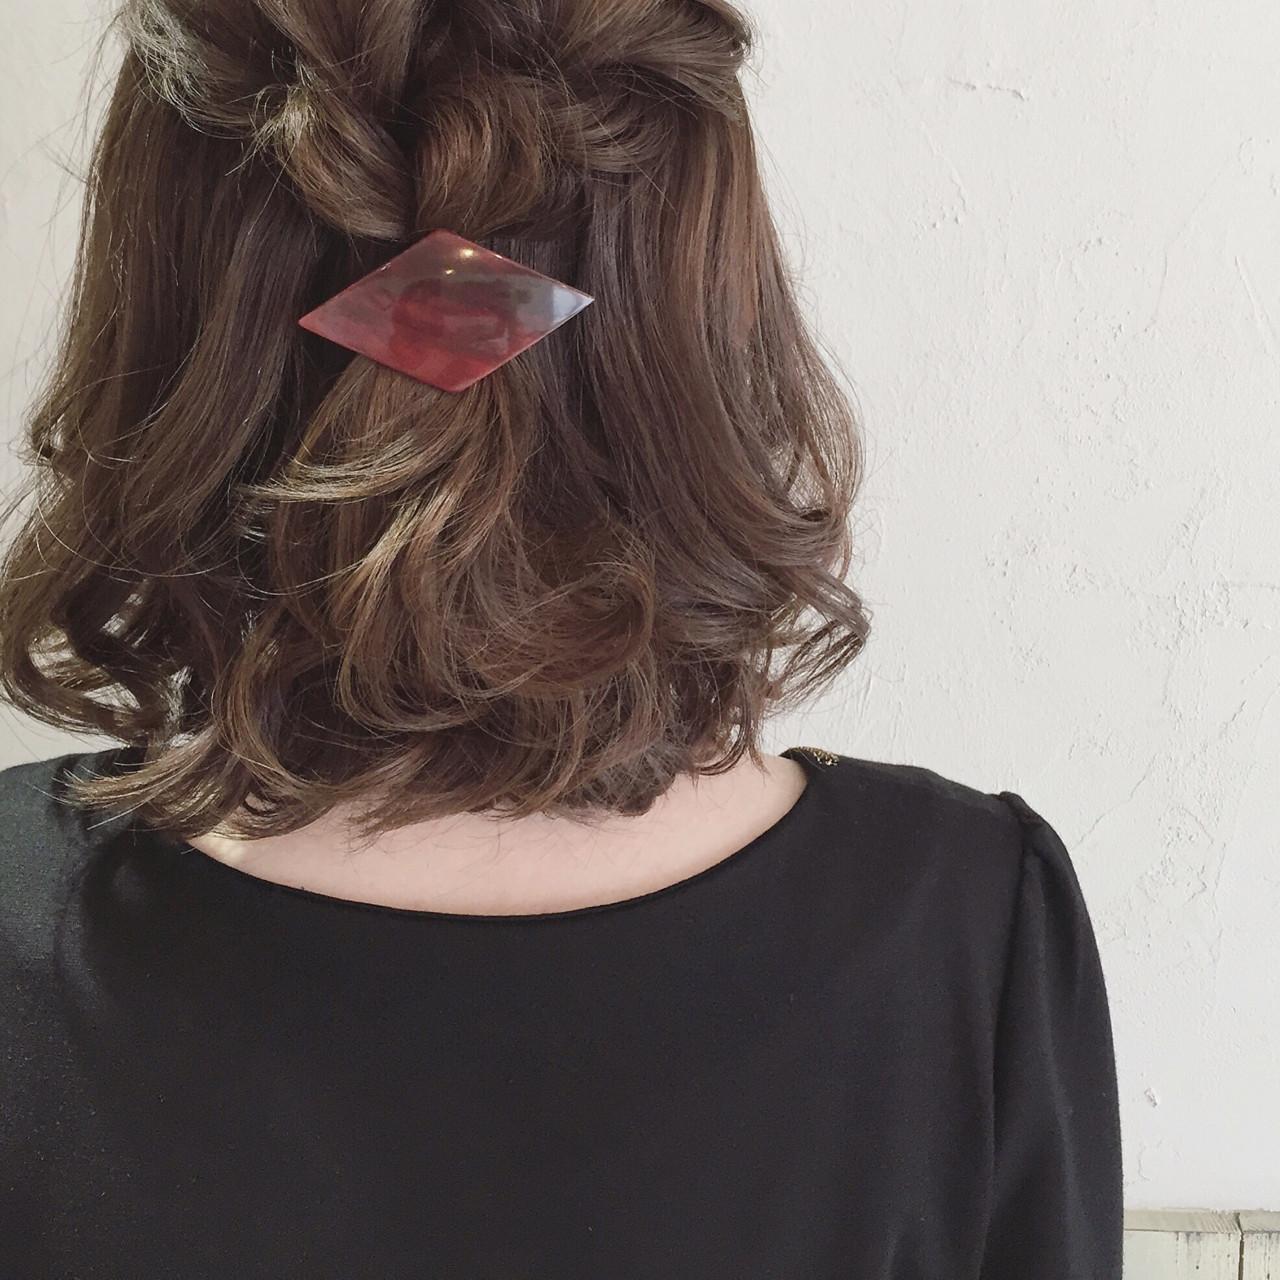 ボブ ヘアアレンジ バレッタ 編み込み ヘアスタイルや髪型の写真・画像 | ange maco / ange